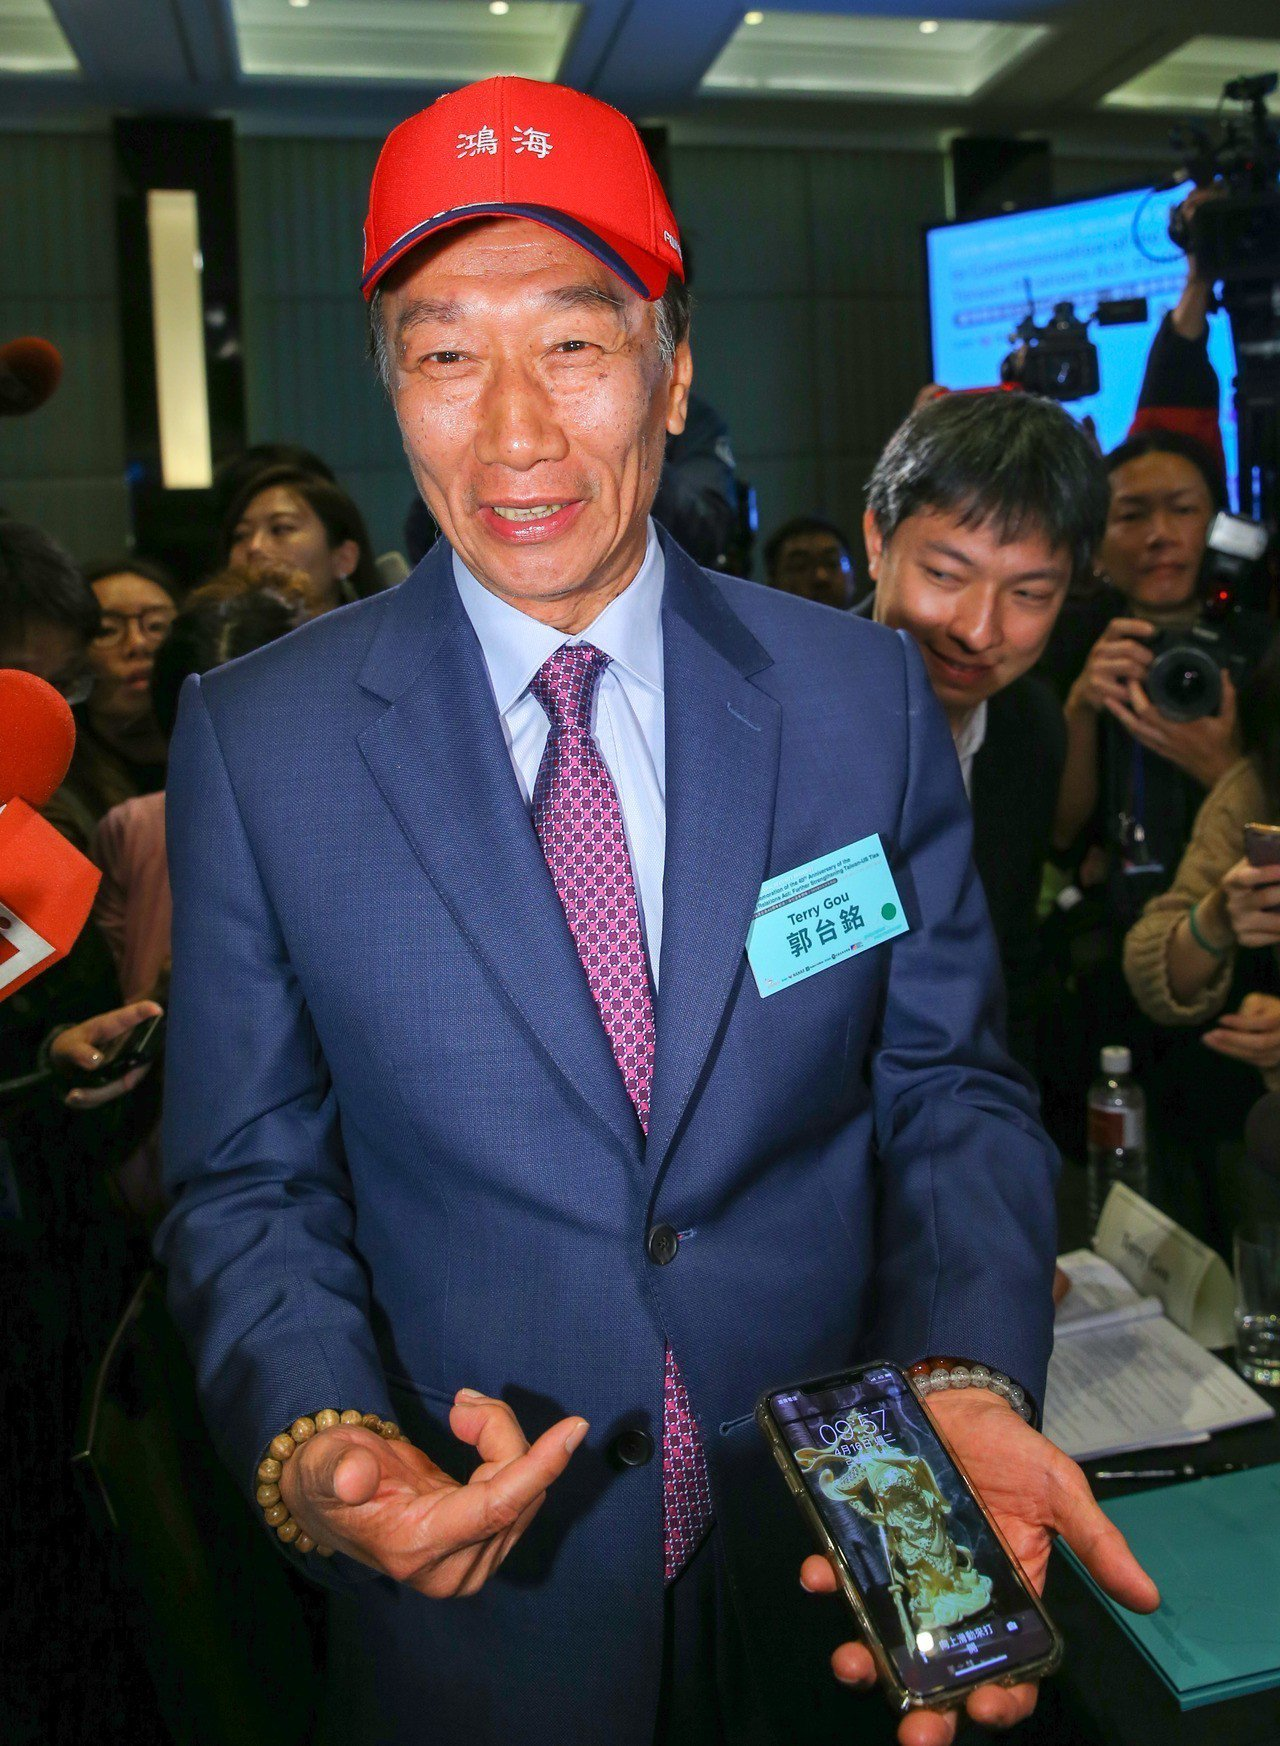 鴻海董事長郭台銘(圖)今天出席印太論壇,媒體提問「是否考慮選總統」,他說,「參選...